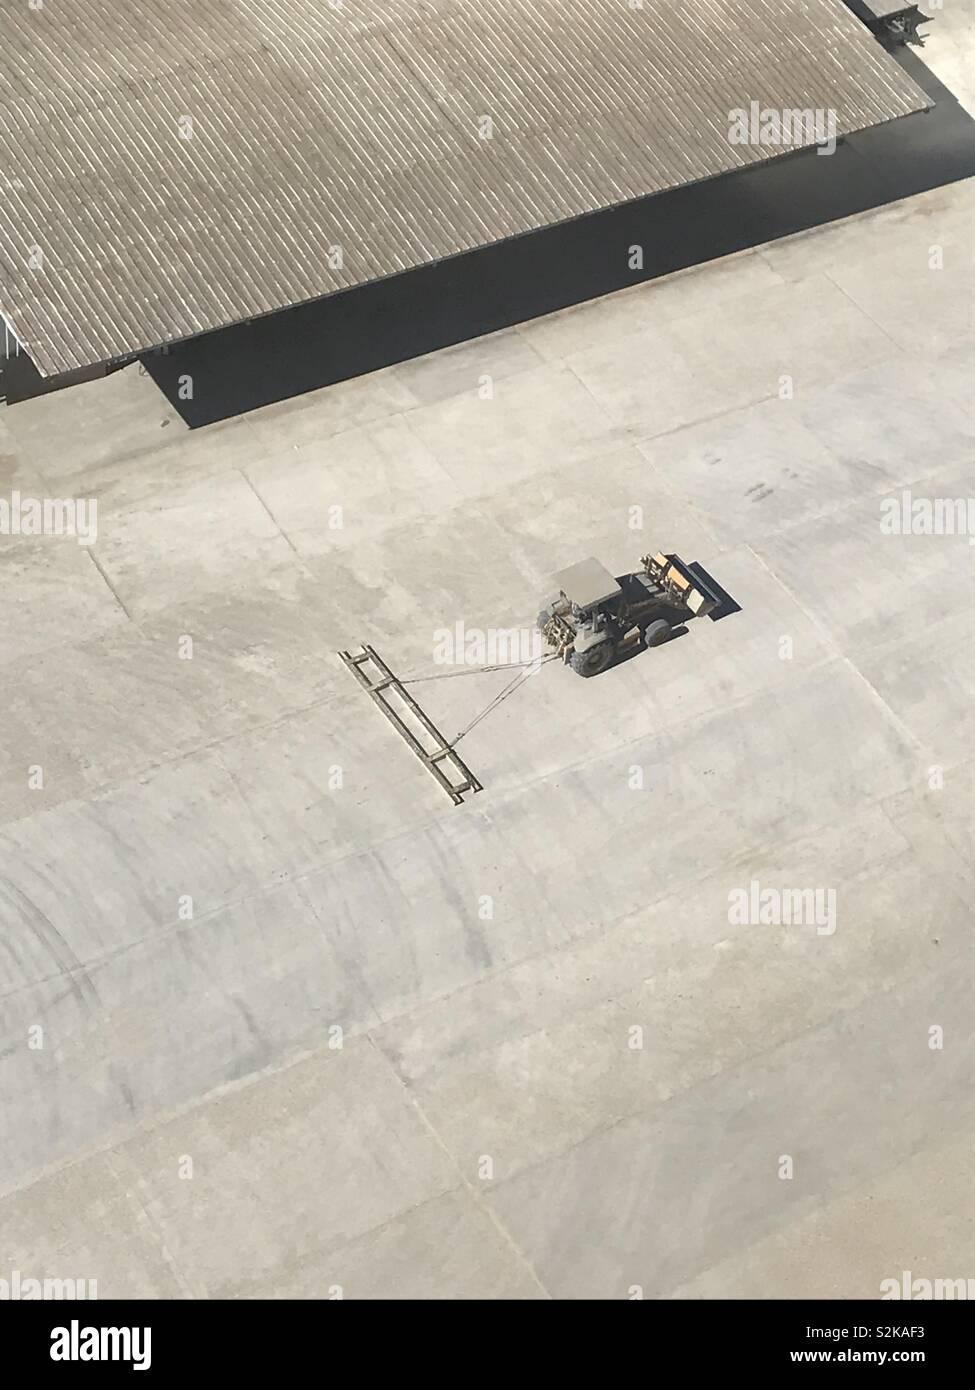 El tractor se mueve de un sitio a otro arrastrando un alisado bar en concreto. Imagen De Stock